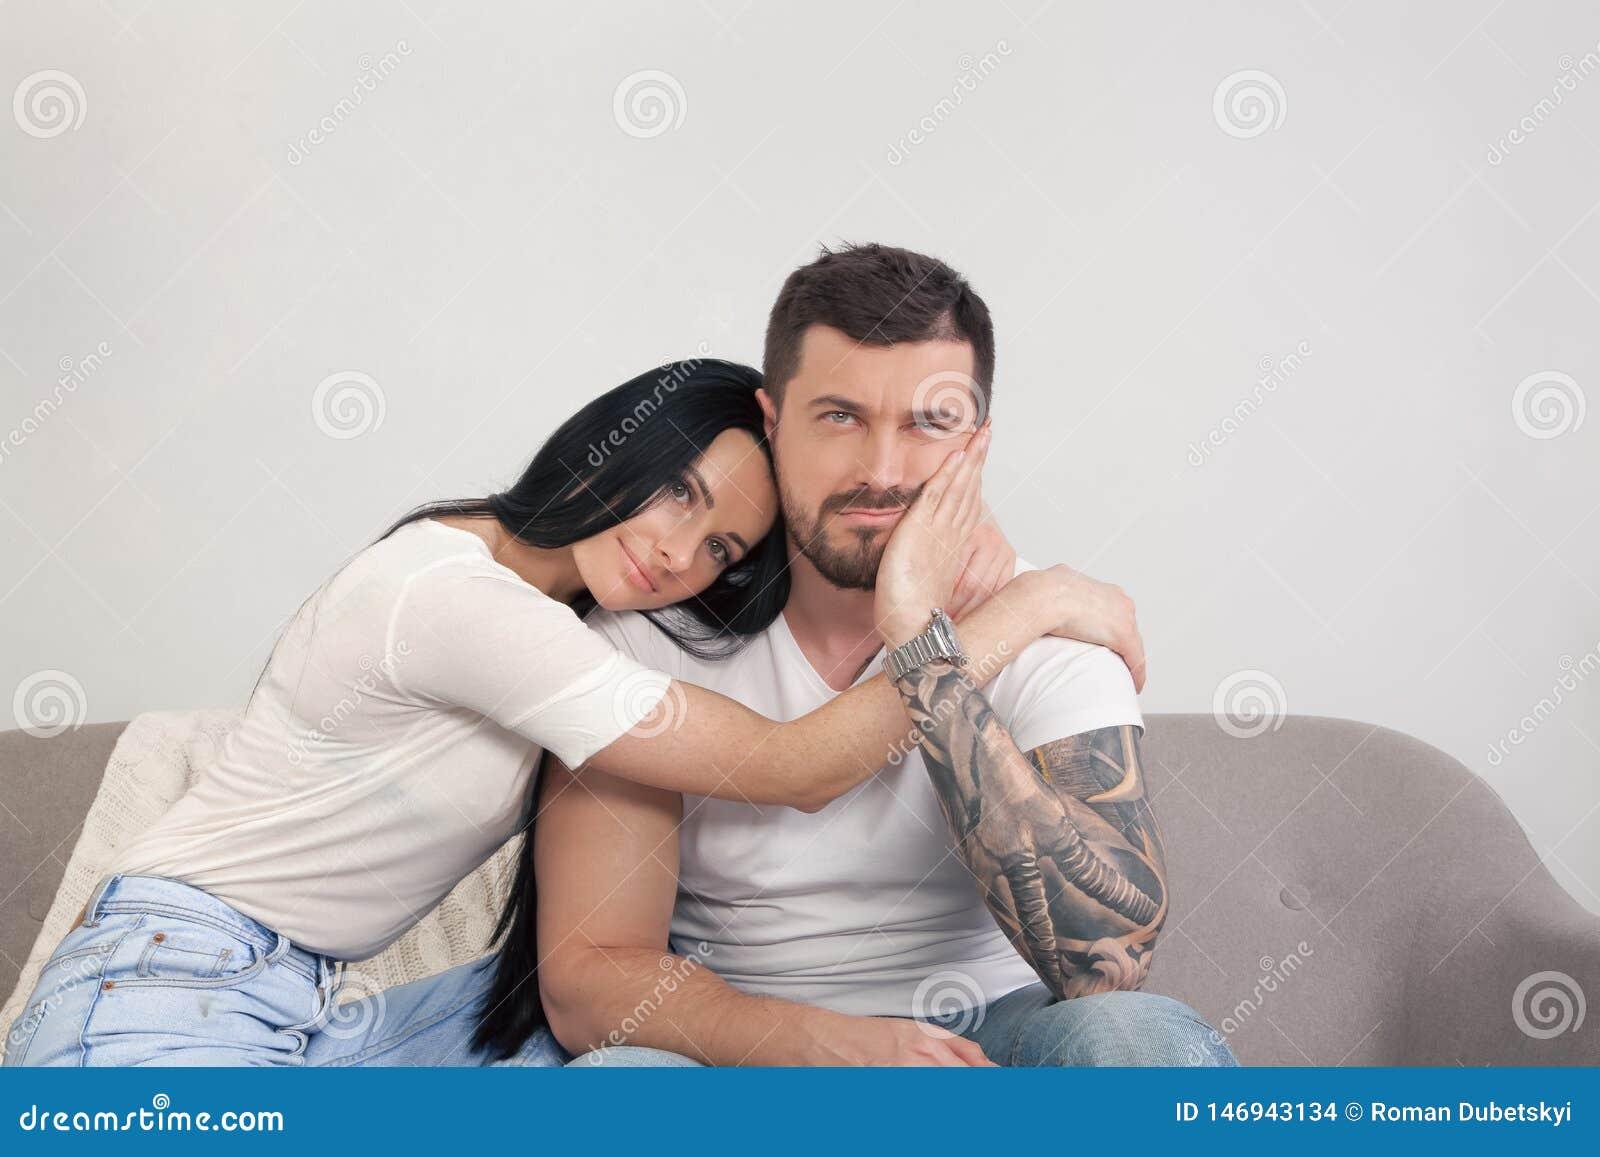 Een jong mooi meisje troost haar vriend die zittend teleurstelt Hij verloor zijn baan en is droevig